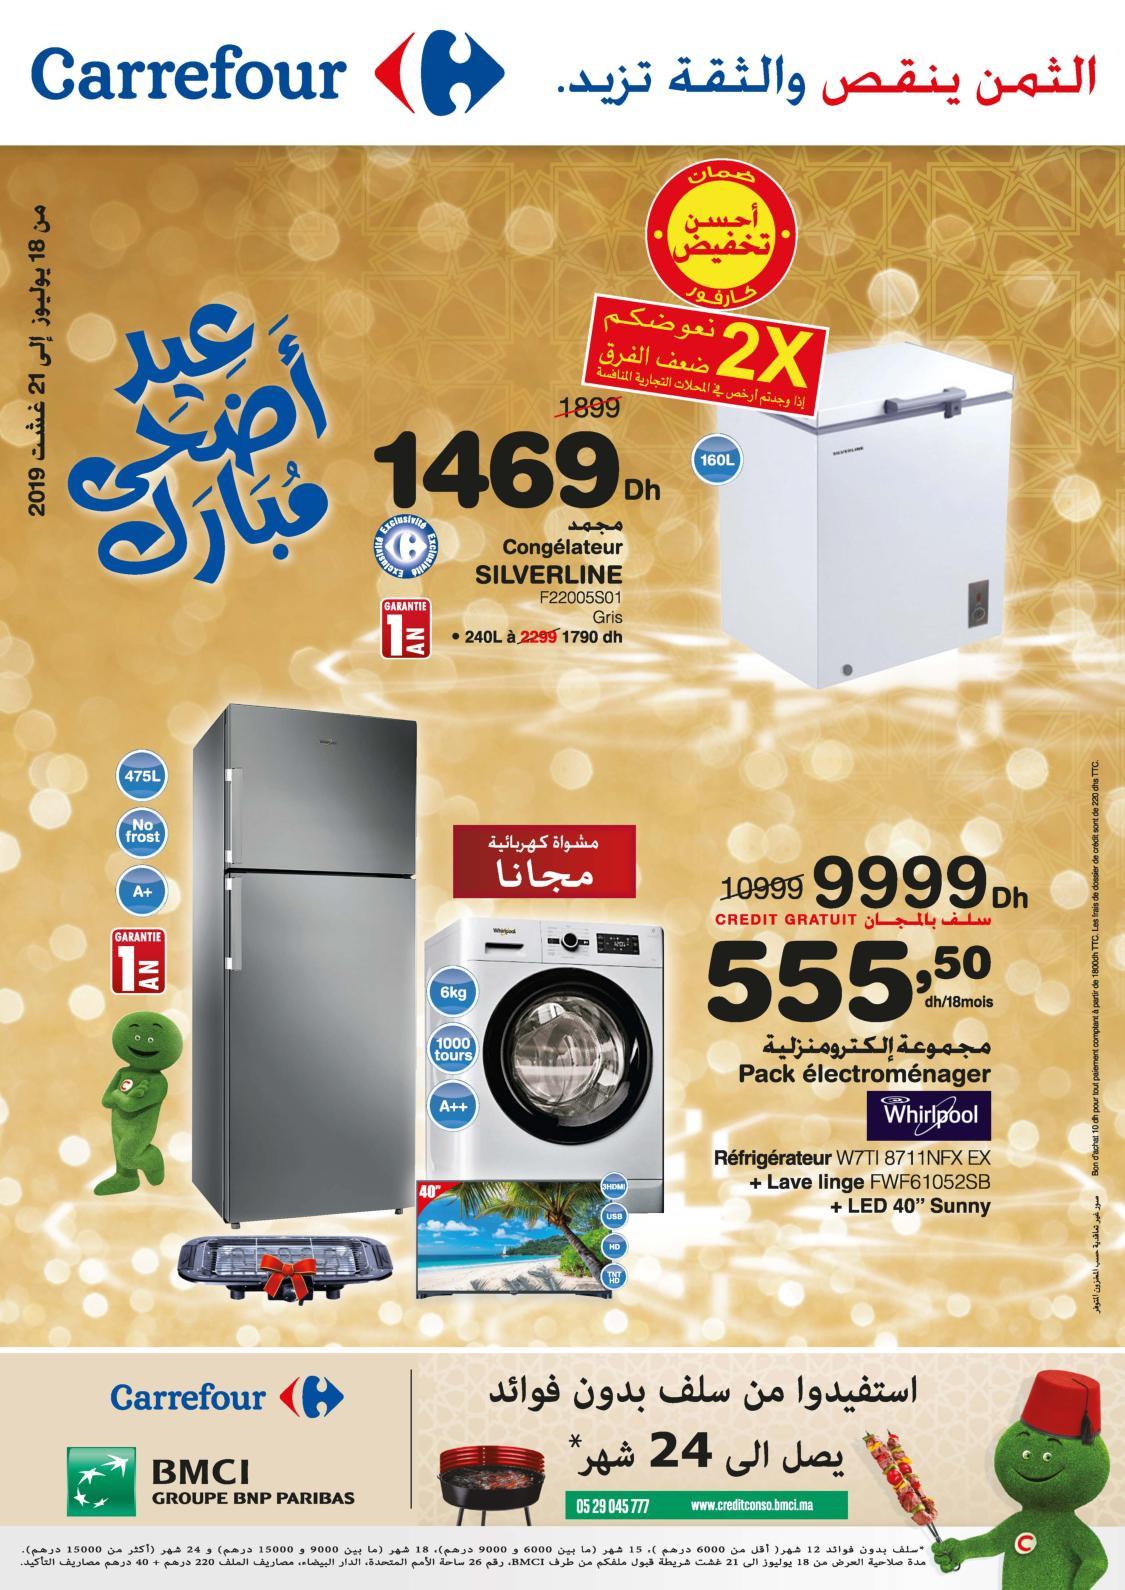 Carrefour Aid Adha 2019